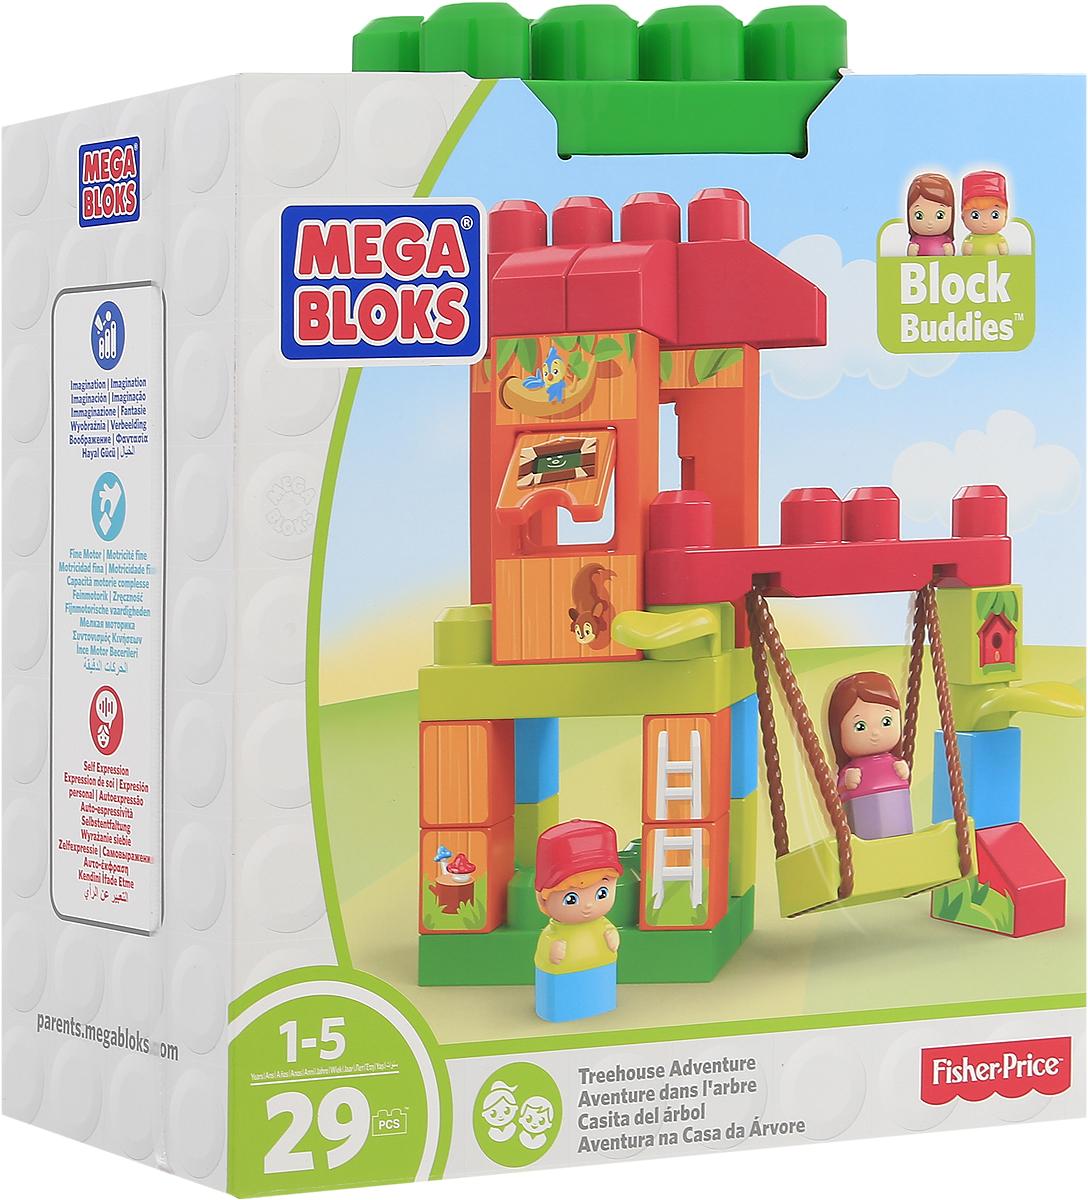 Mega Bloks Storytelling Конструктор Домик на деревеDKX85_DXH37Придумывайте невероятные истории в домике на дереве с двумя веселыми друзьями! На качелях ваш малыш сможет катать обитателей домика. Помогите им вскарабкаться на вершину и открыть окошко, чтобы посмотреть, что внутри домика! Набор включает в себя 29 разноцветных пластиковых элементов. Конструктор станет замечательным сюрпризом вашему ребенку, который будет способствовать развитию мелкой моторики рук, внимательности, усидчивости и мышления. Играя с конструктором, ребенок научится собирать детали по образцу, проводить время с пользой и удовольствием.